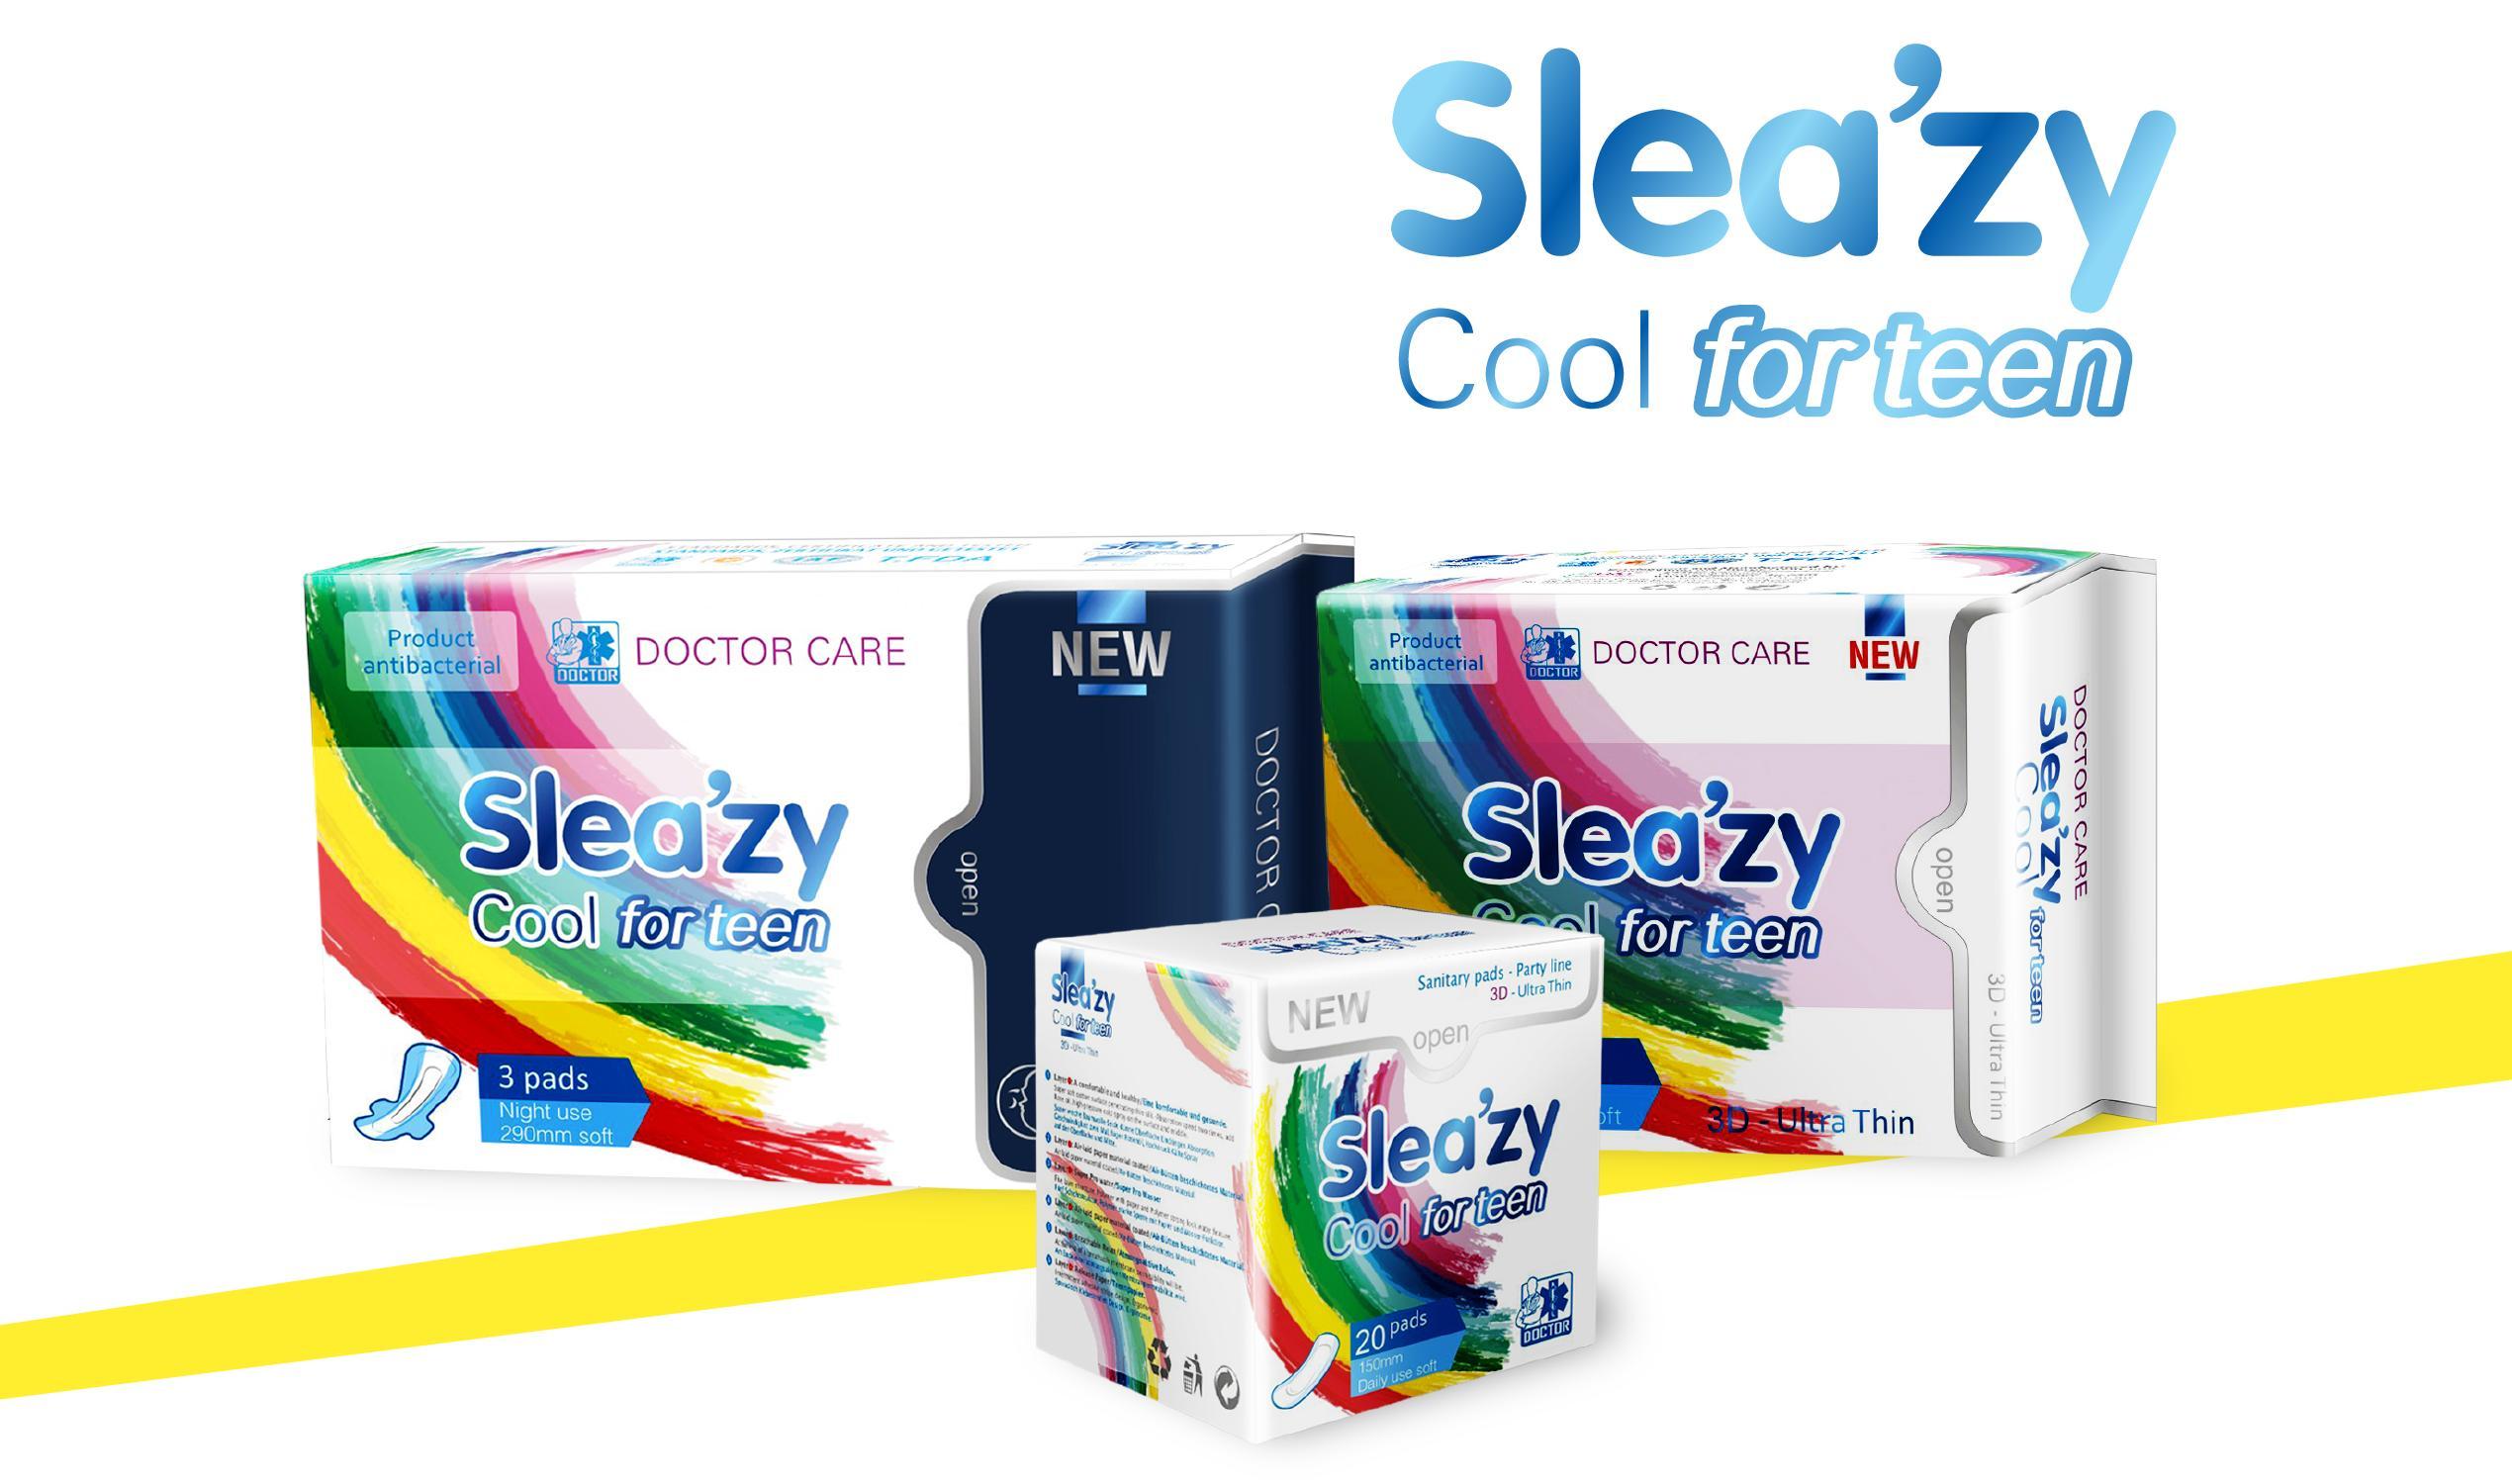 Doctor Care/Băng vệ sinh thảo dược SleaZy Cool For Teen Ban ngày nhập khẩu